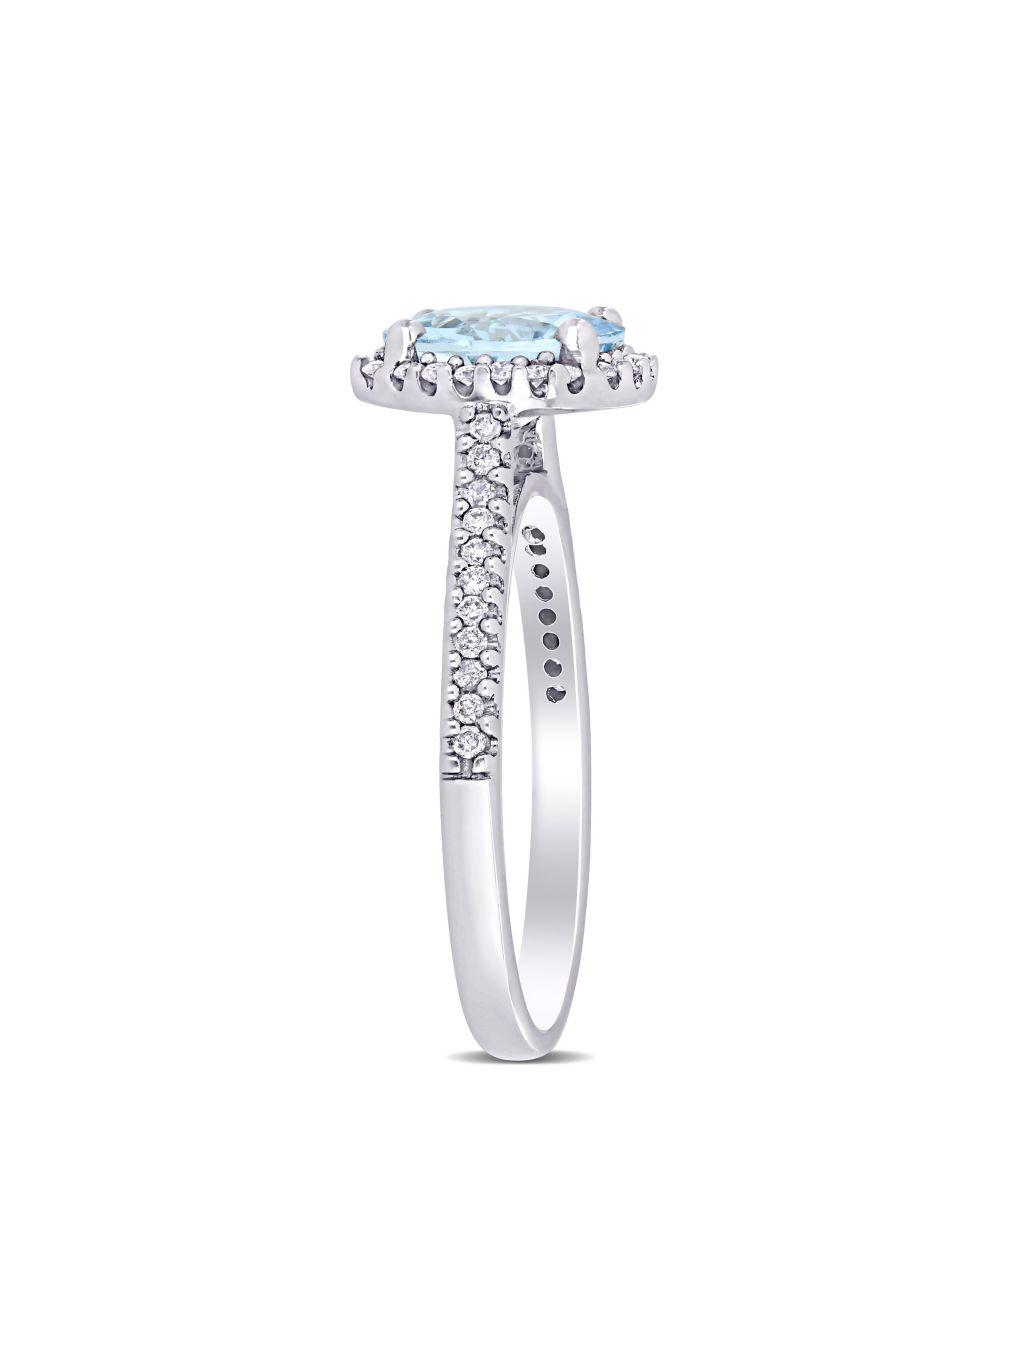 Saks Fifth Avenue 14K White Gold, Aquamarine & Diamond Halo Engagement Ring